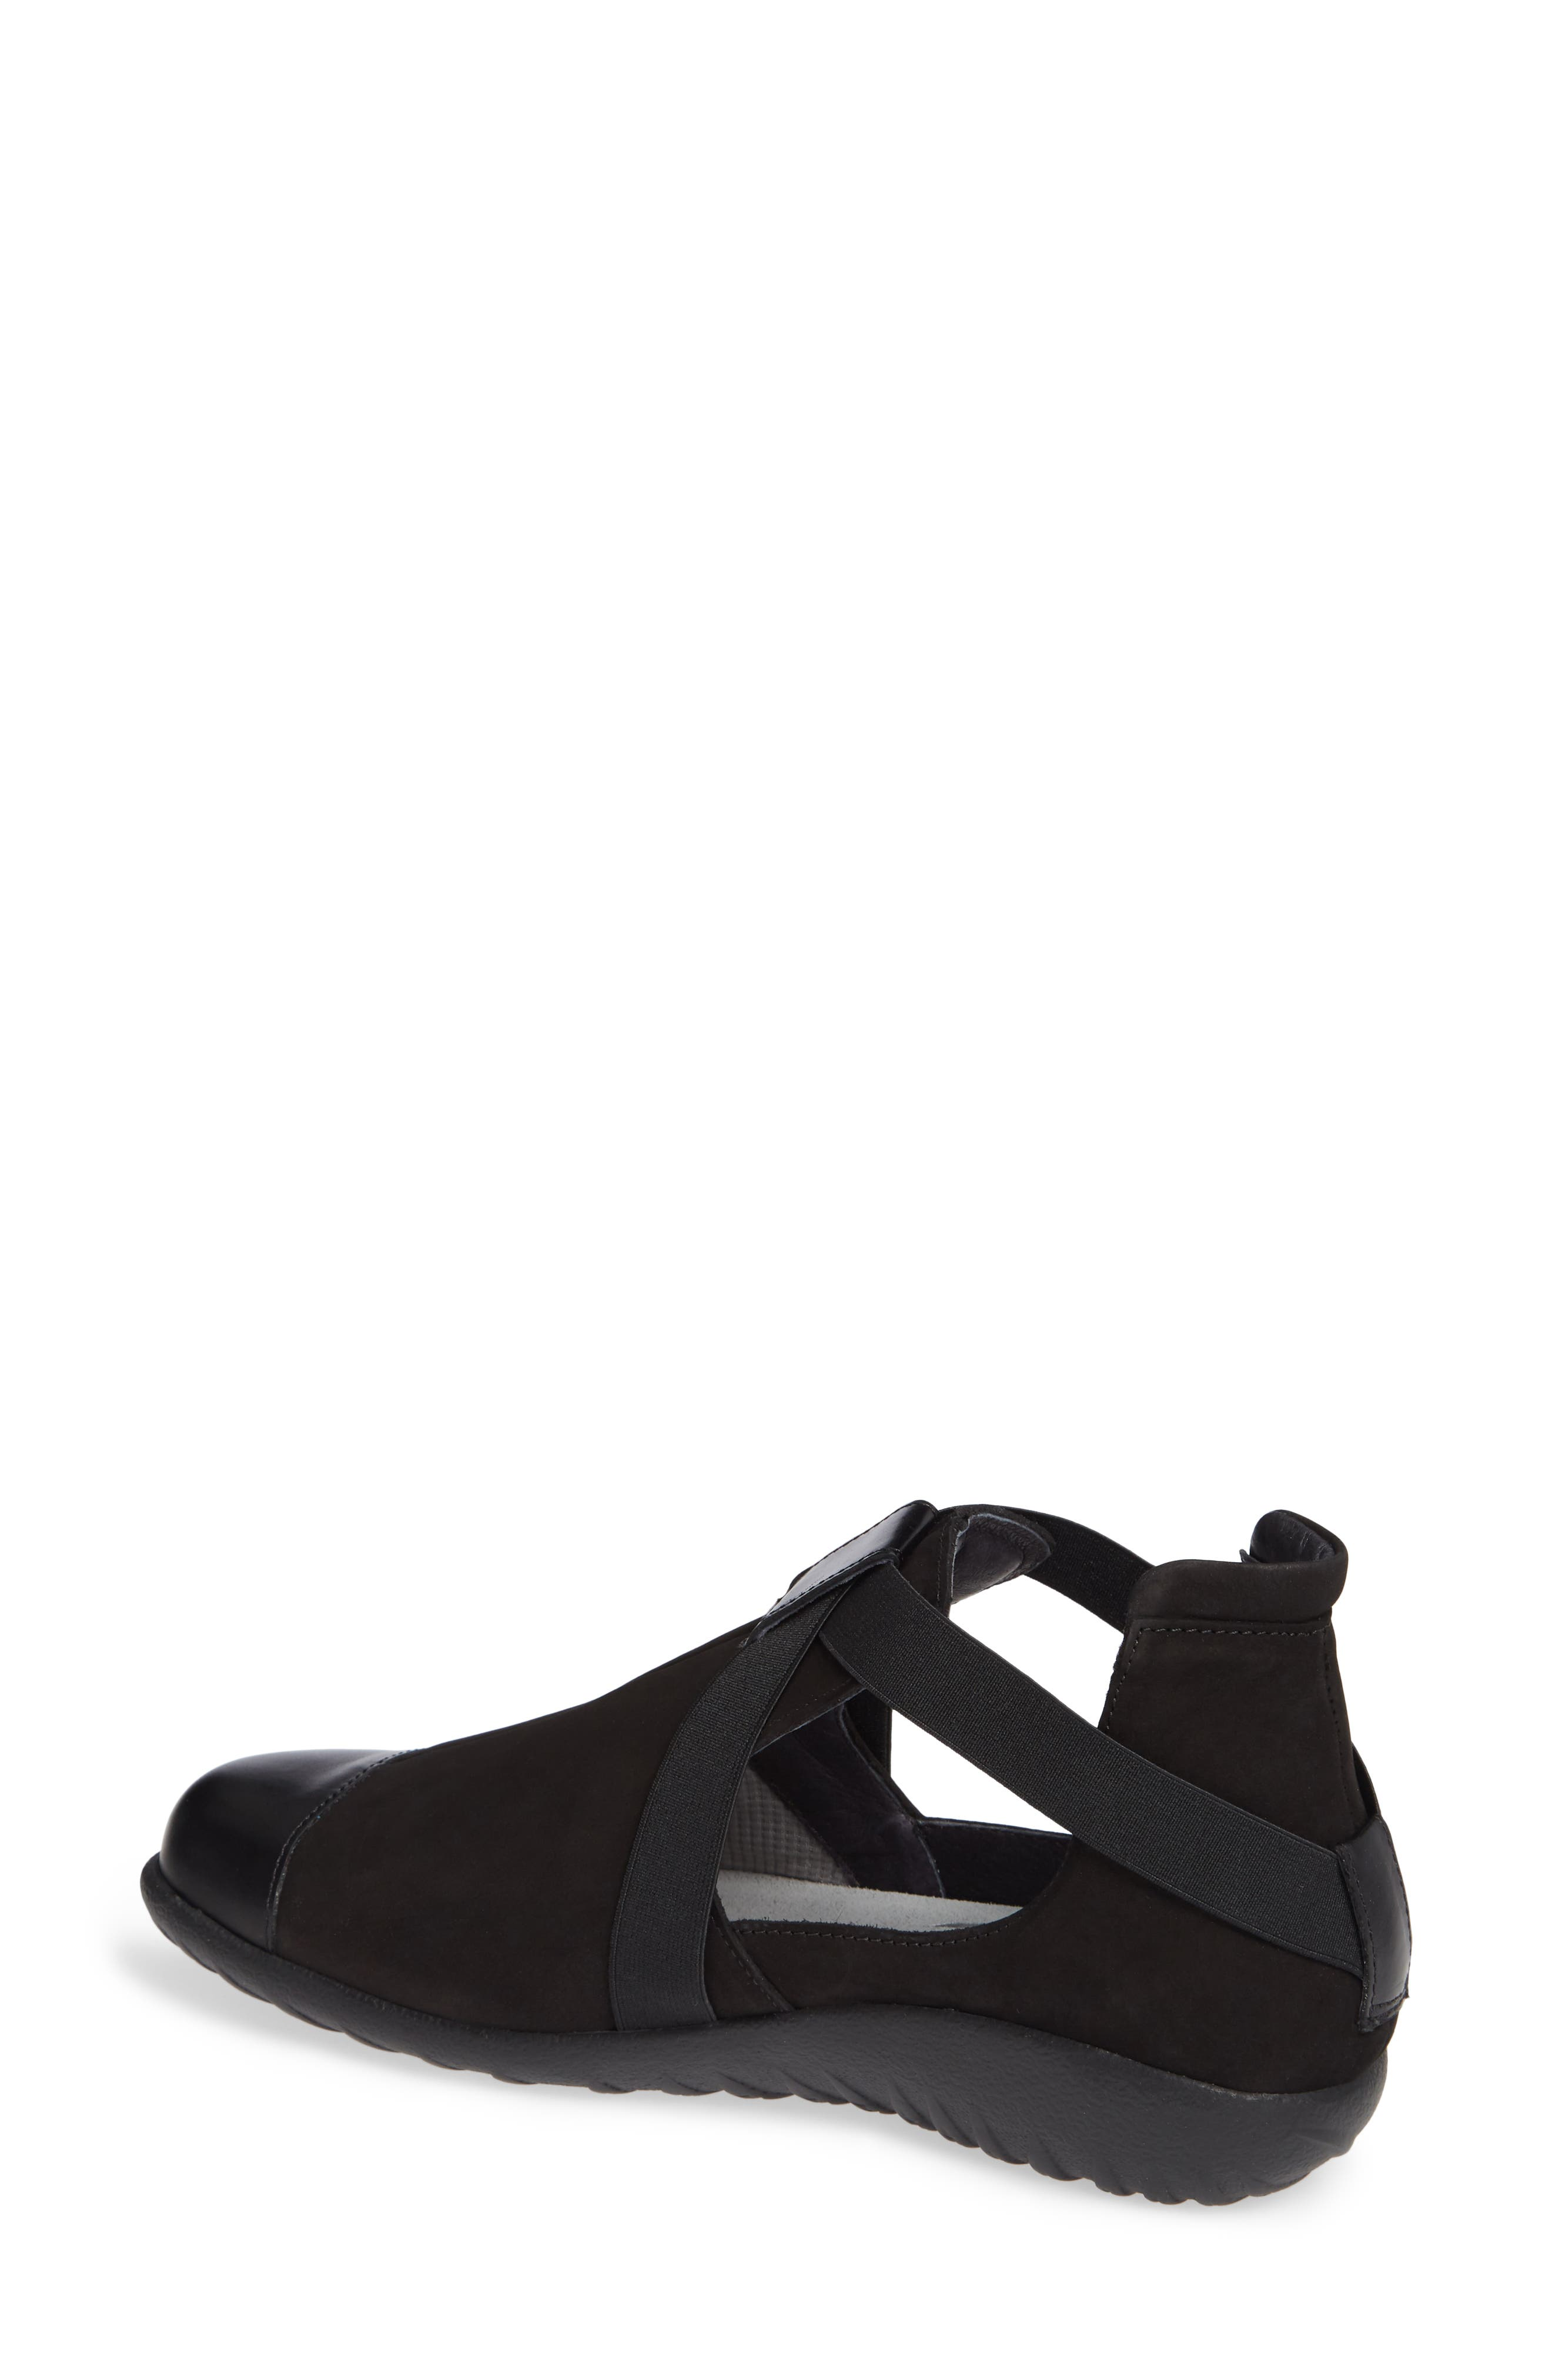 Rakua Slip On Sneaker,                             Alternate thumbnail 2, color,                             BLACK NUBUCK